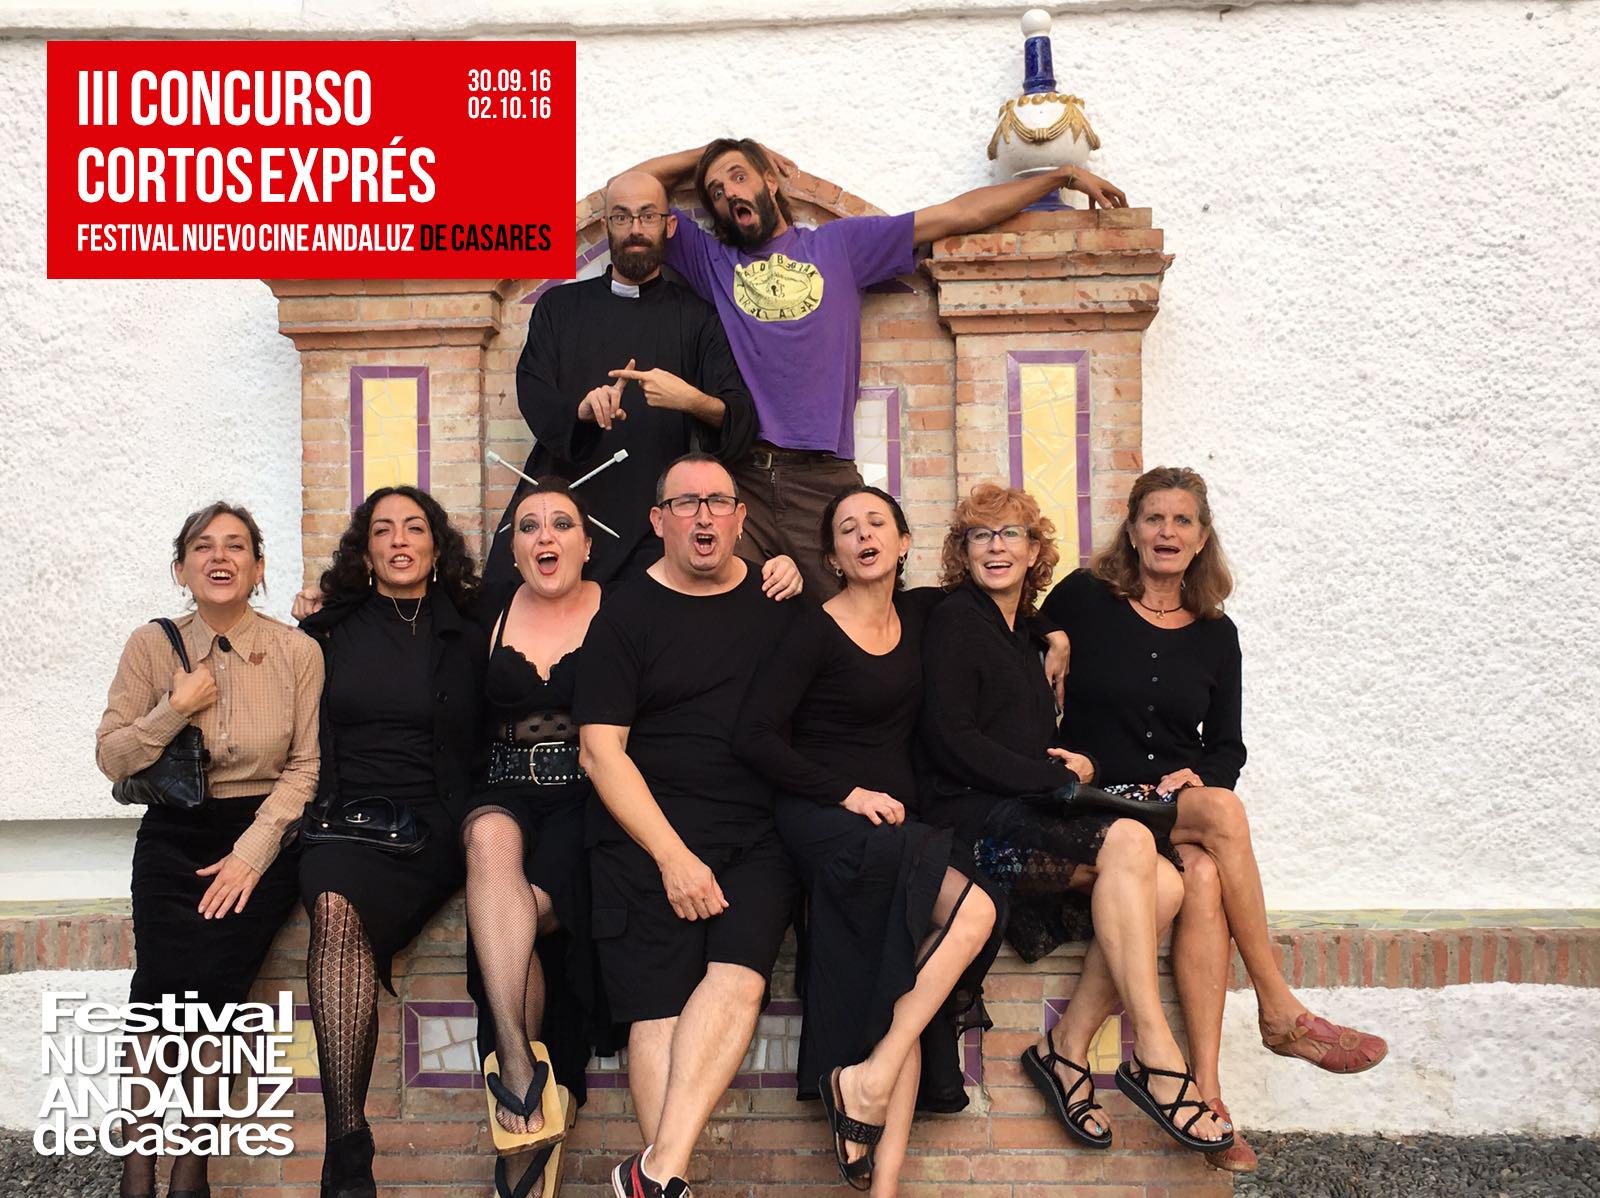 III Concurso Cortos Exprés de Casares - Festival Nuevo Cine Andaluz